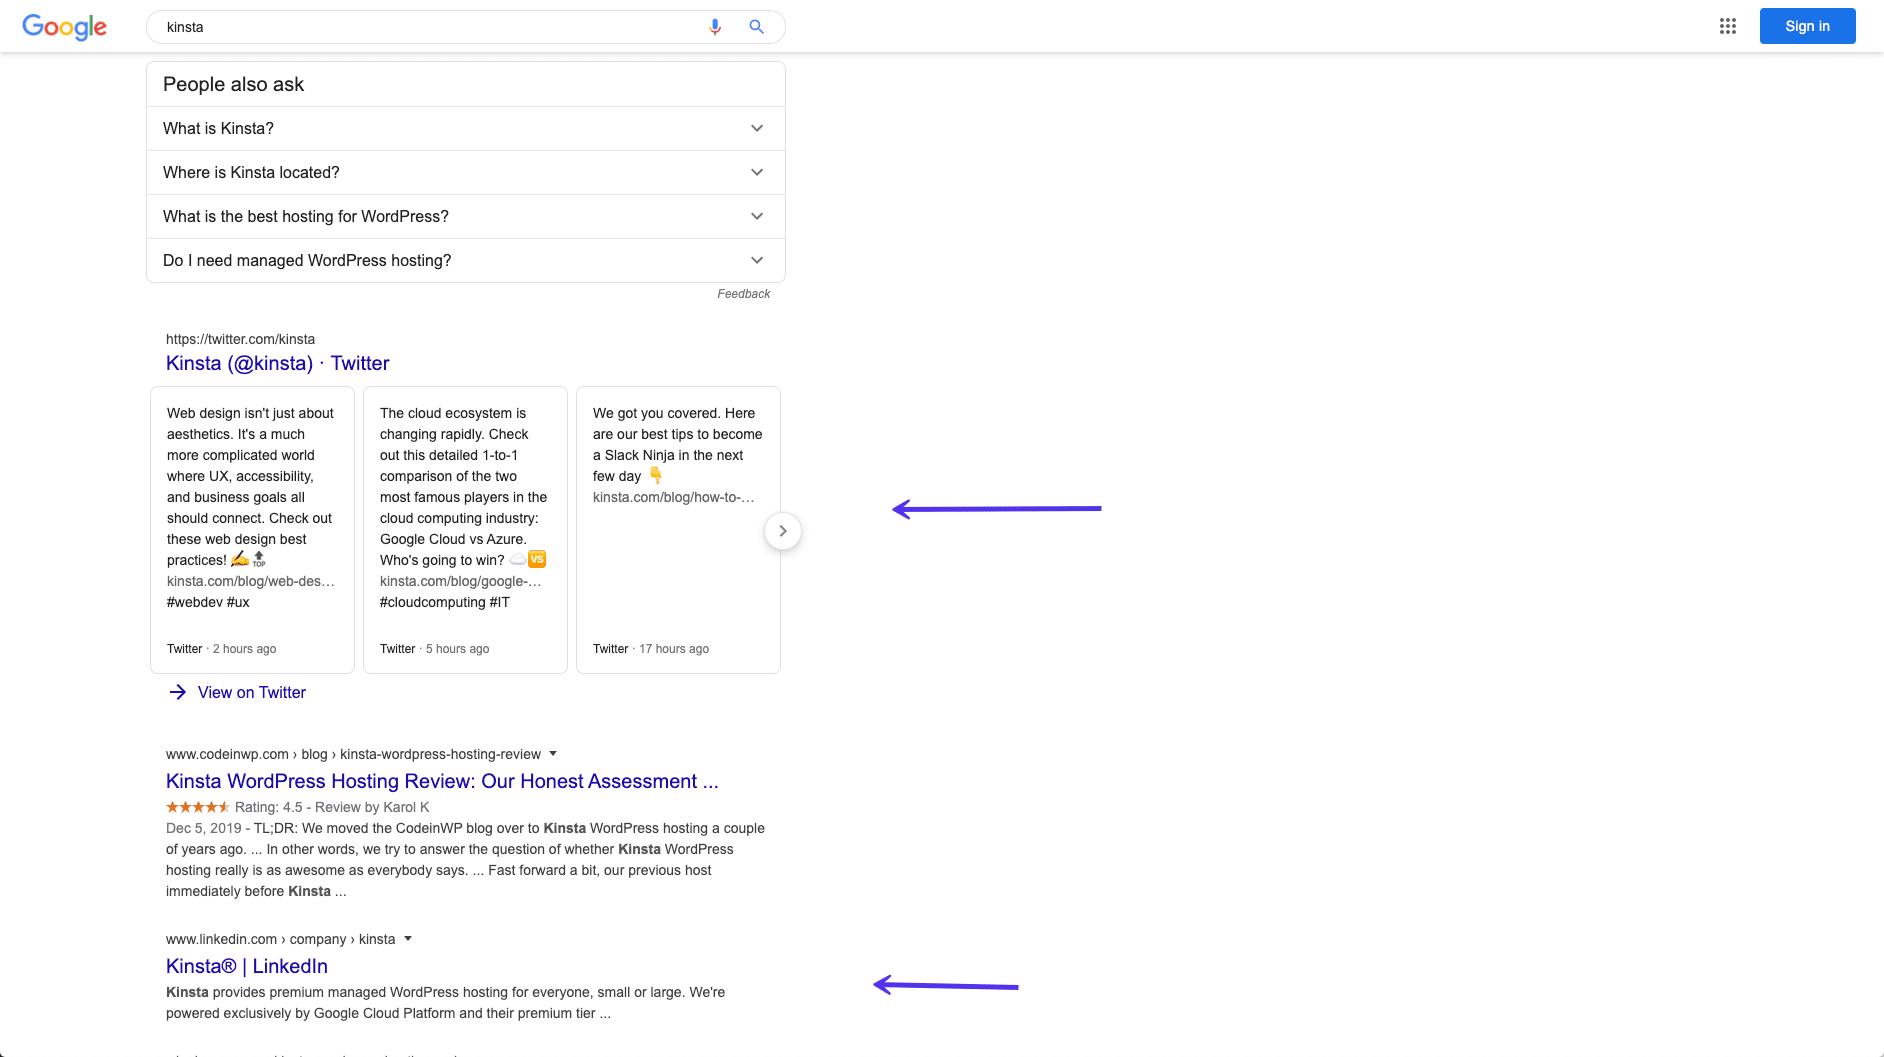 Il ranking dei profili dei social media di Kinsta in Google